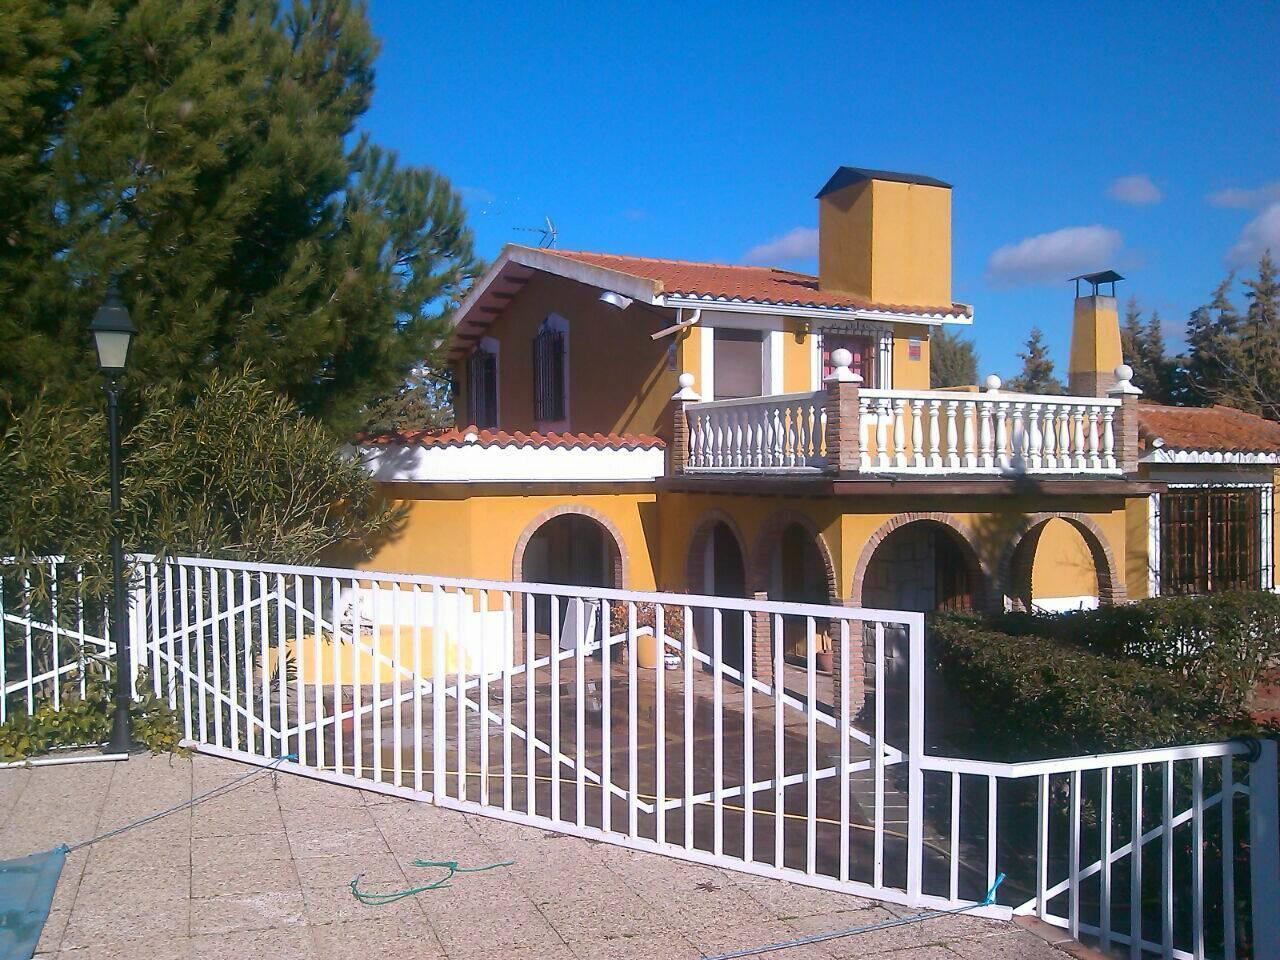 Alquiler vacaciones en La Puebla de Montalbán, Toledo